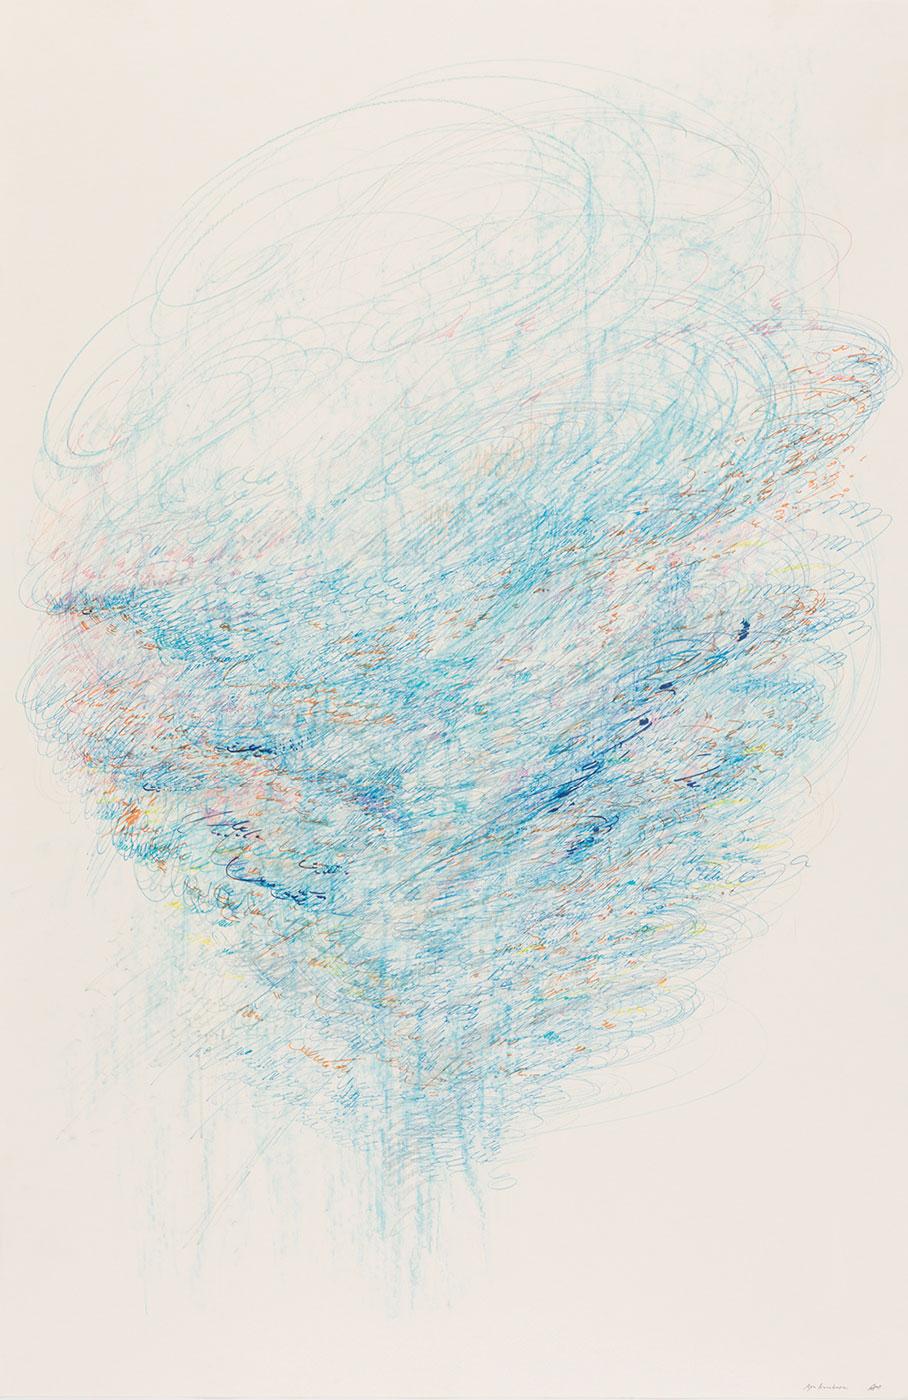 Aya Kawabata - Sounds Sketch: Winds